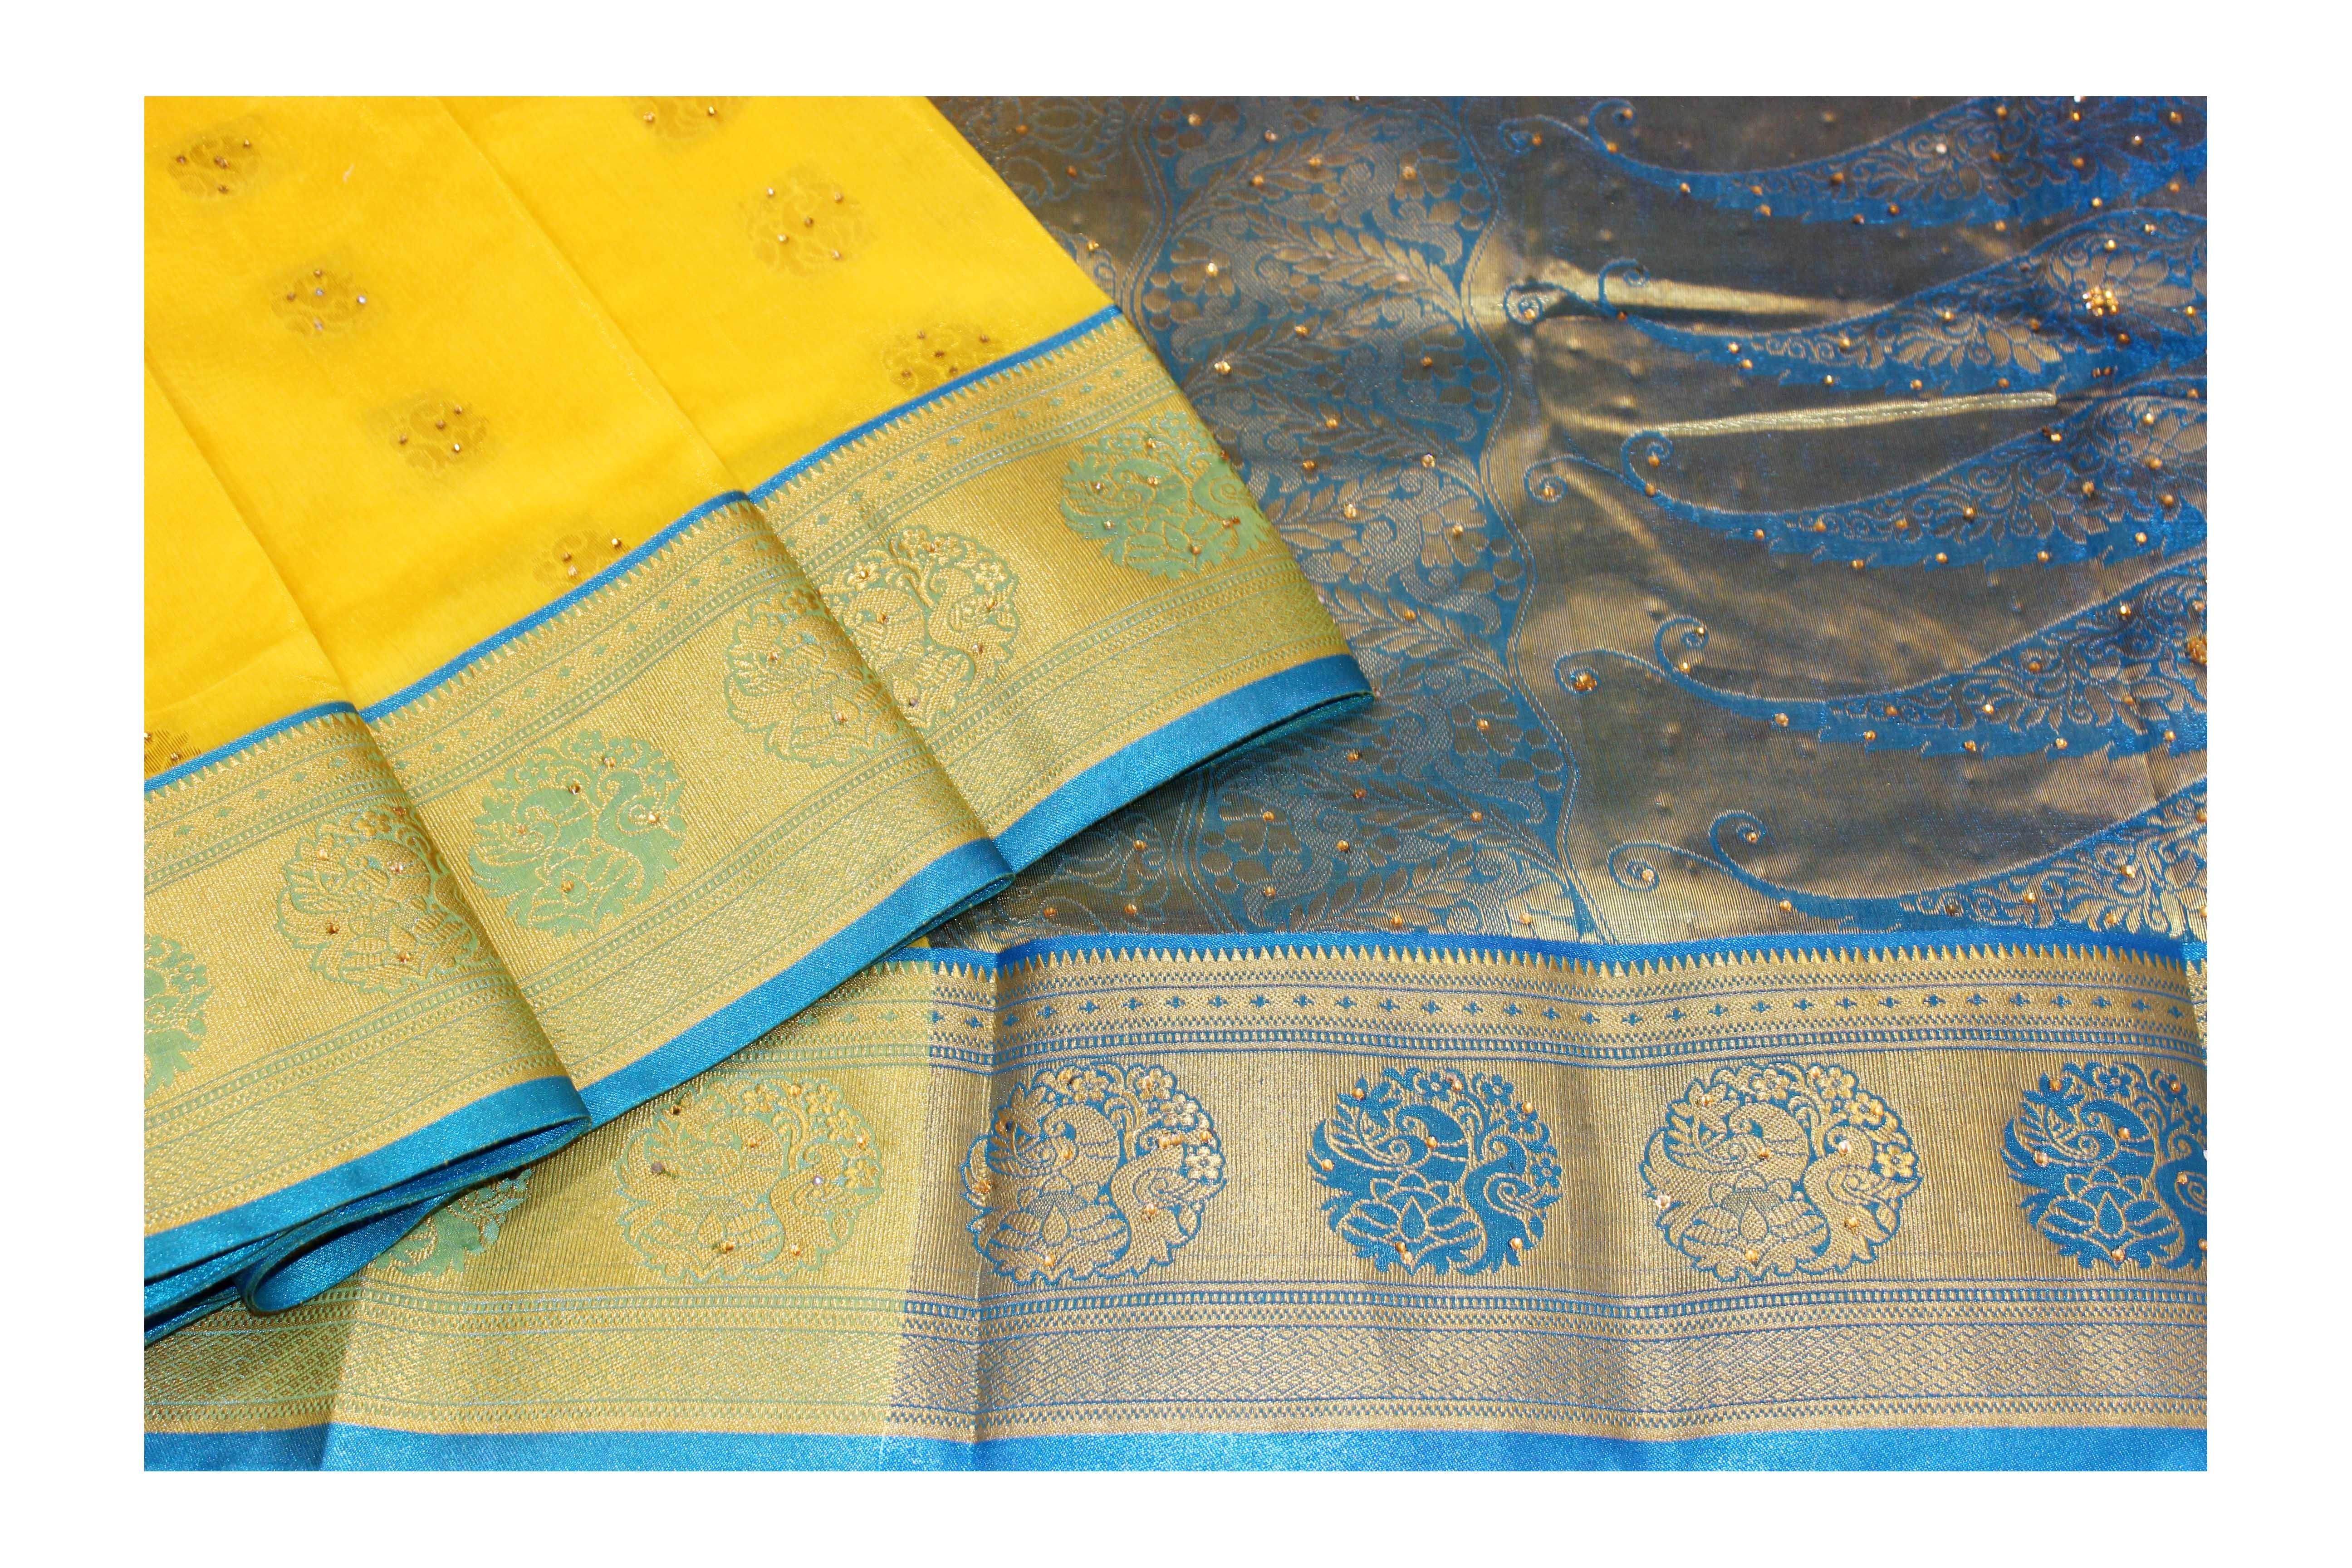 Mixture of yellow and blue saree with golden jari.